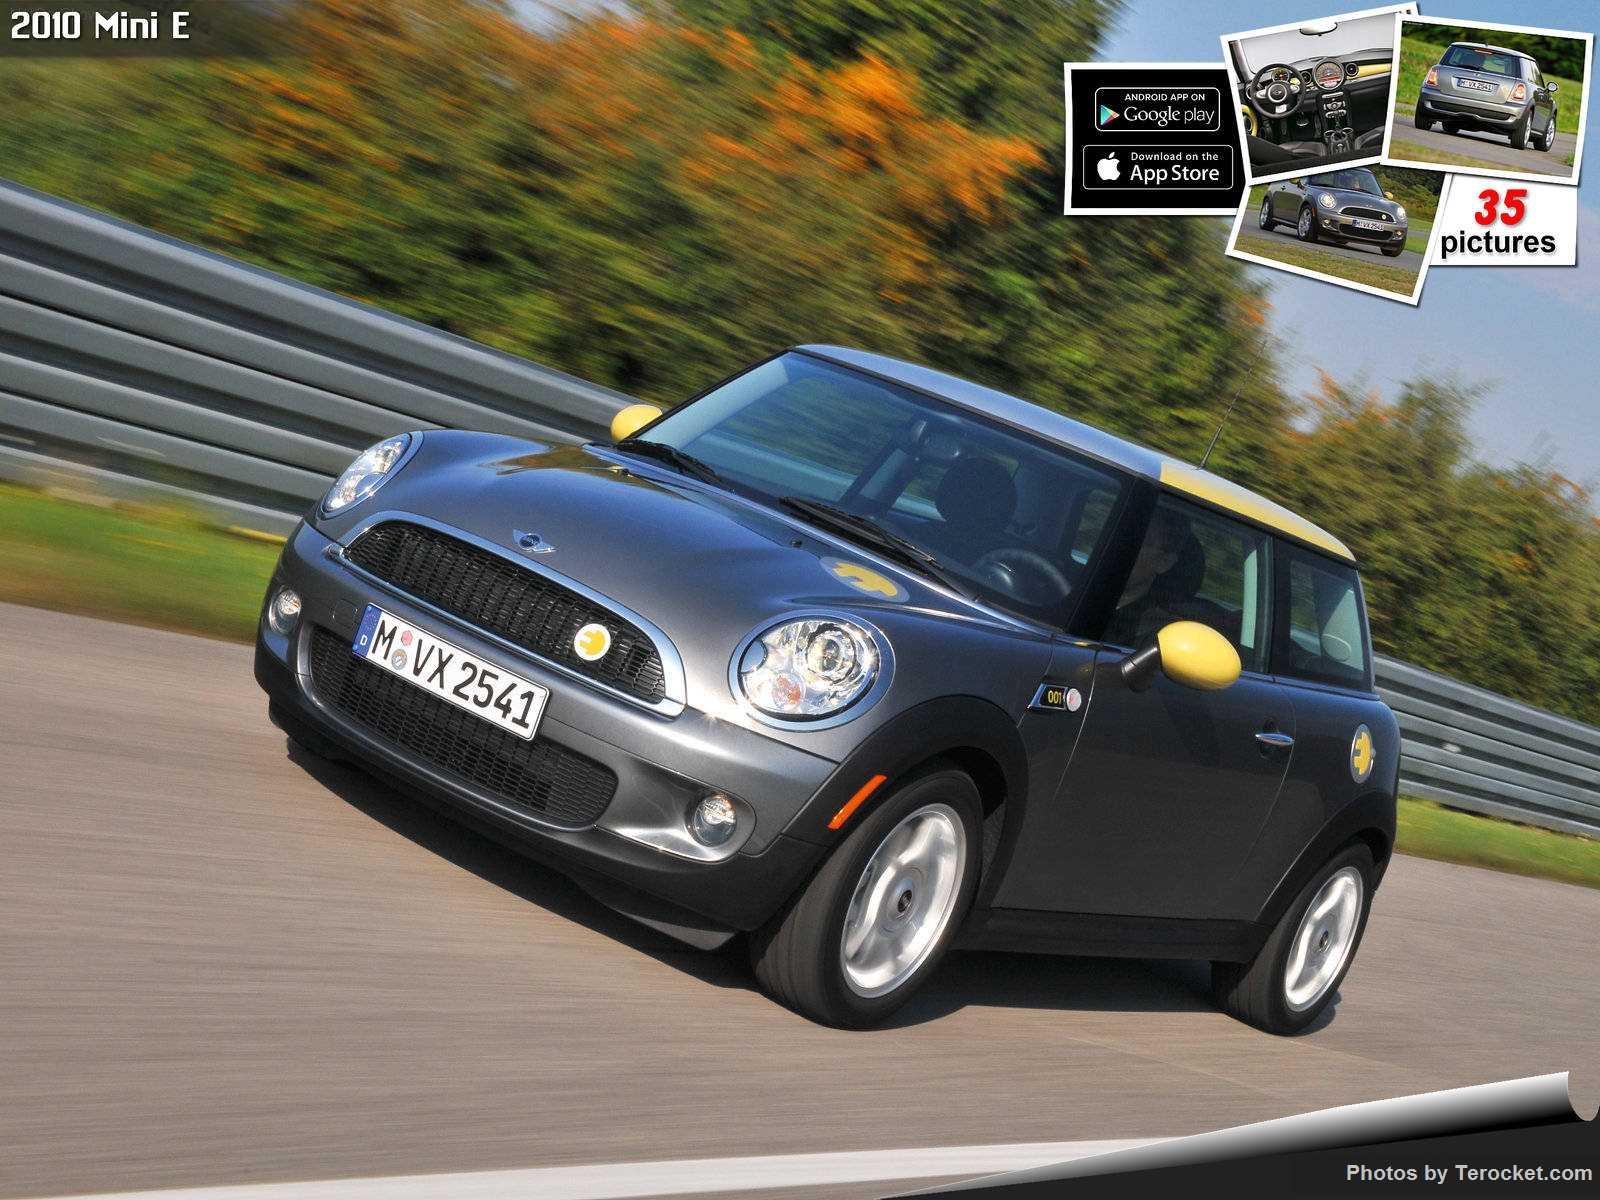 Hình ảnh xe ô tô Mini E 2010 & nội ngoại thất